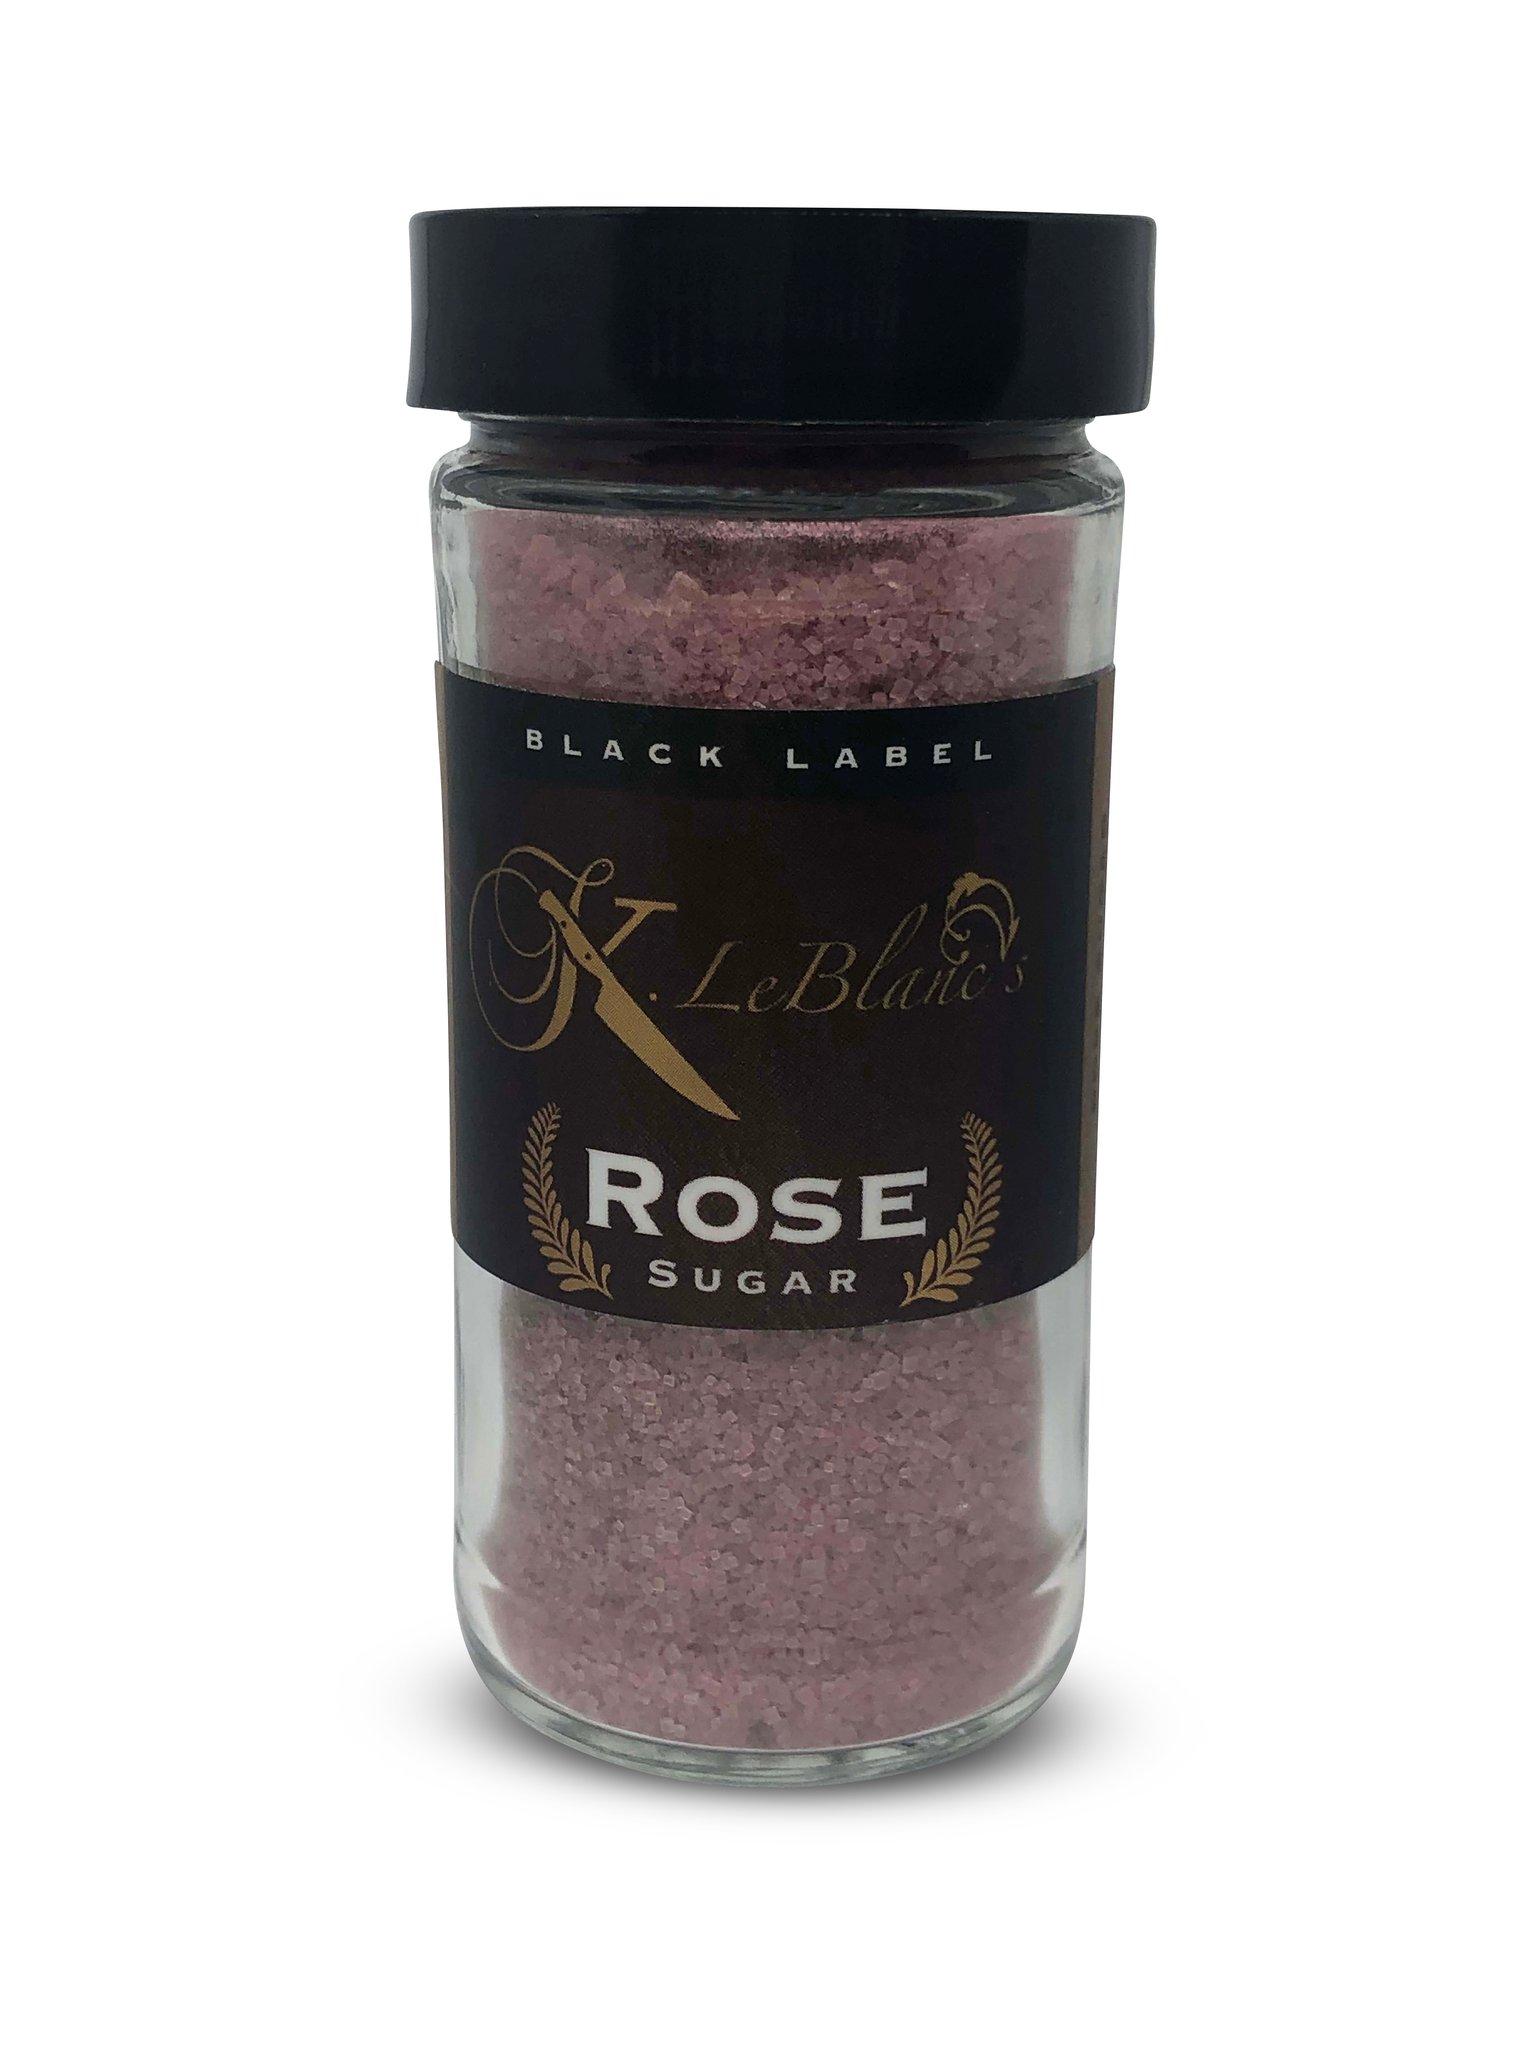 Image of Rose Sugar